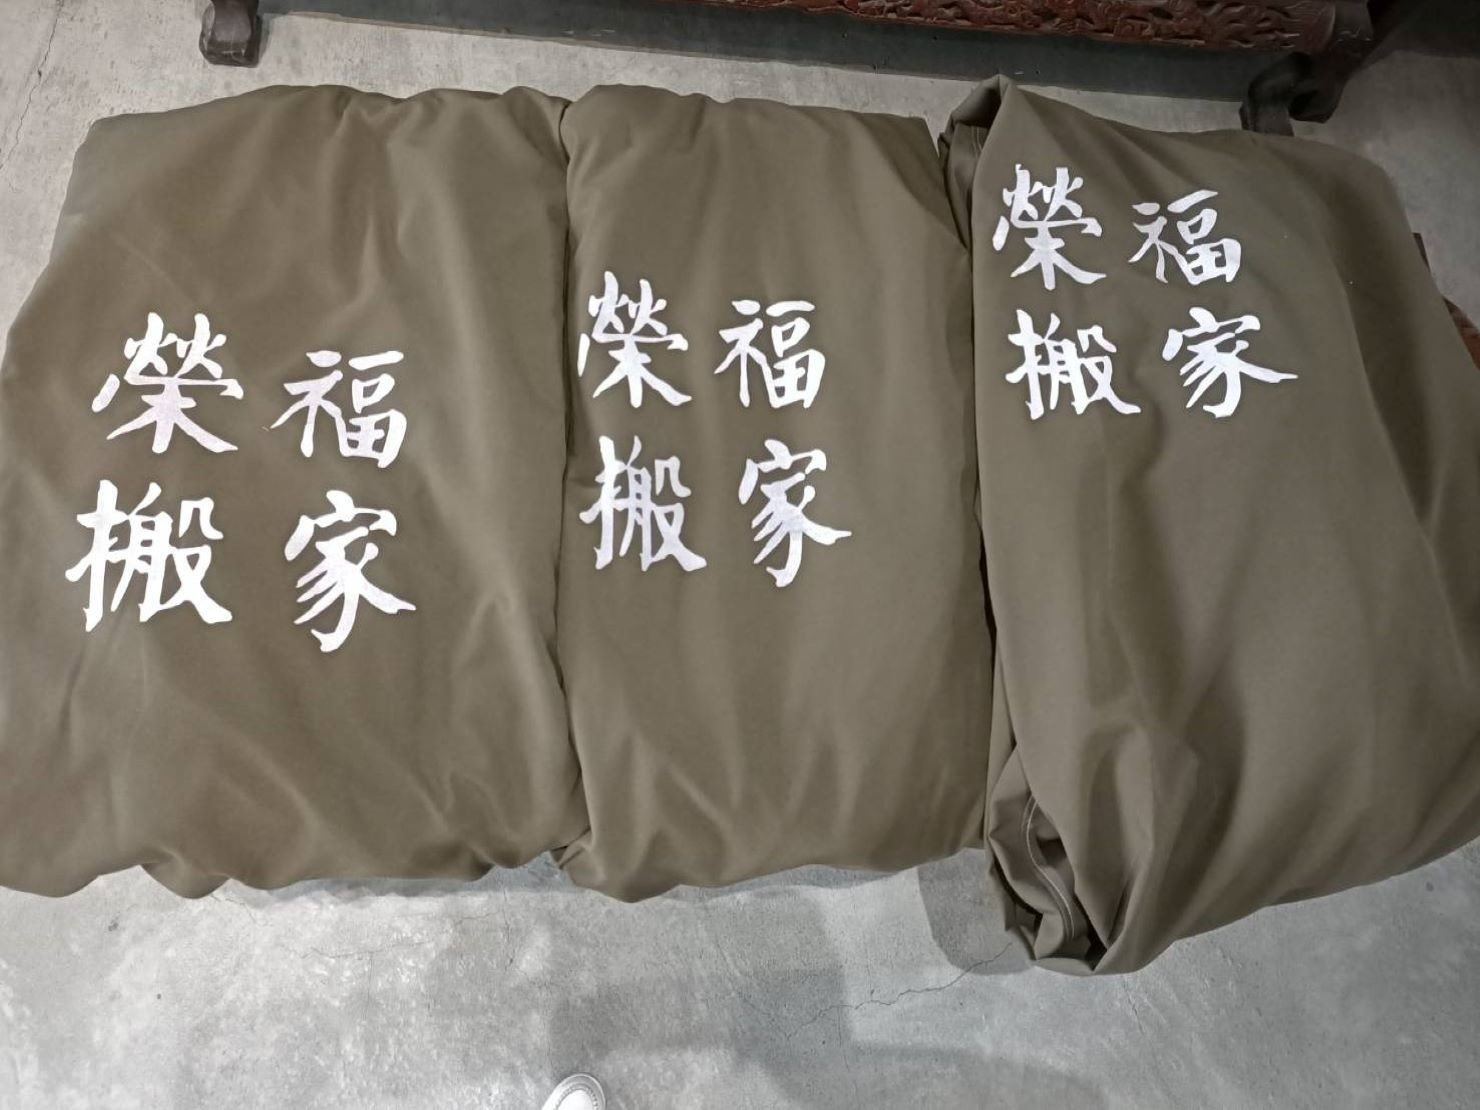 專業包裹床墊套用尺寸分為-加大、大、一般尺寸。可重覆使用環保又乾淨!